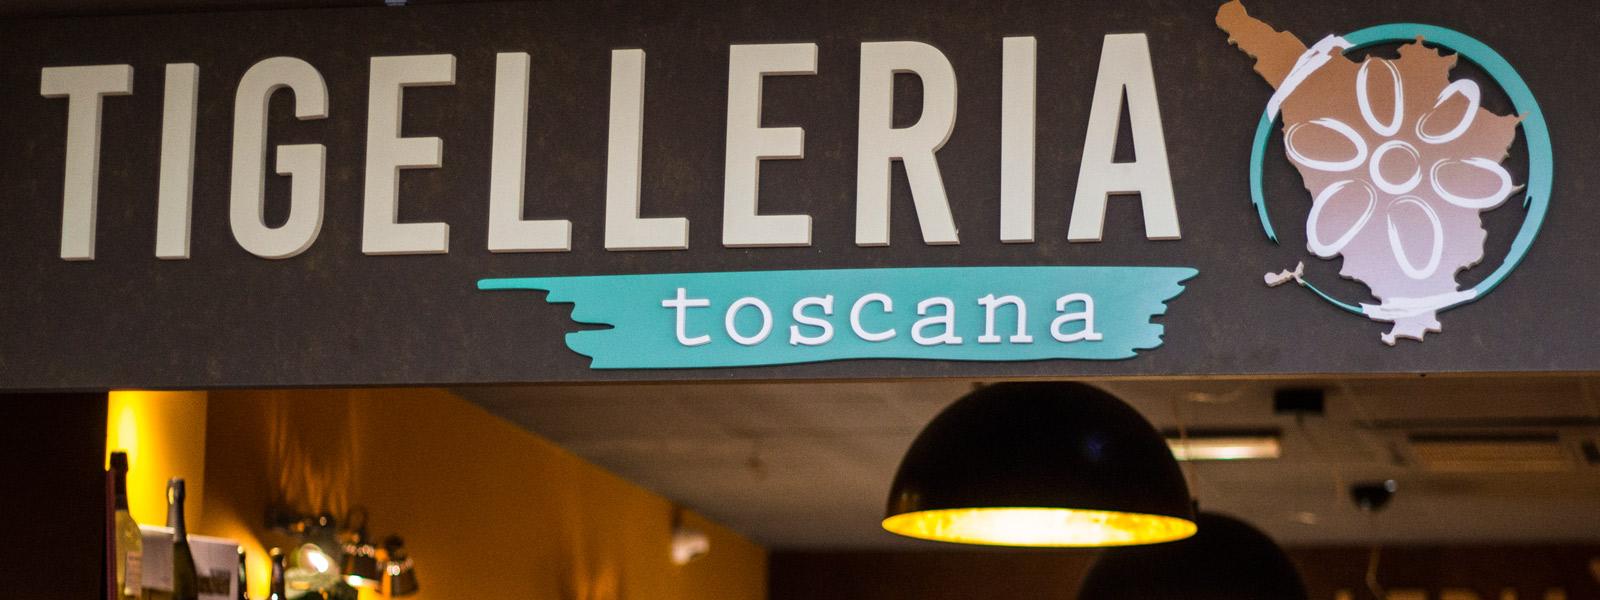 Tigelleria Toscana Ristorante specialità Toscane ed Emiliane Arezzo